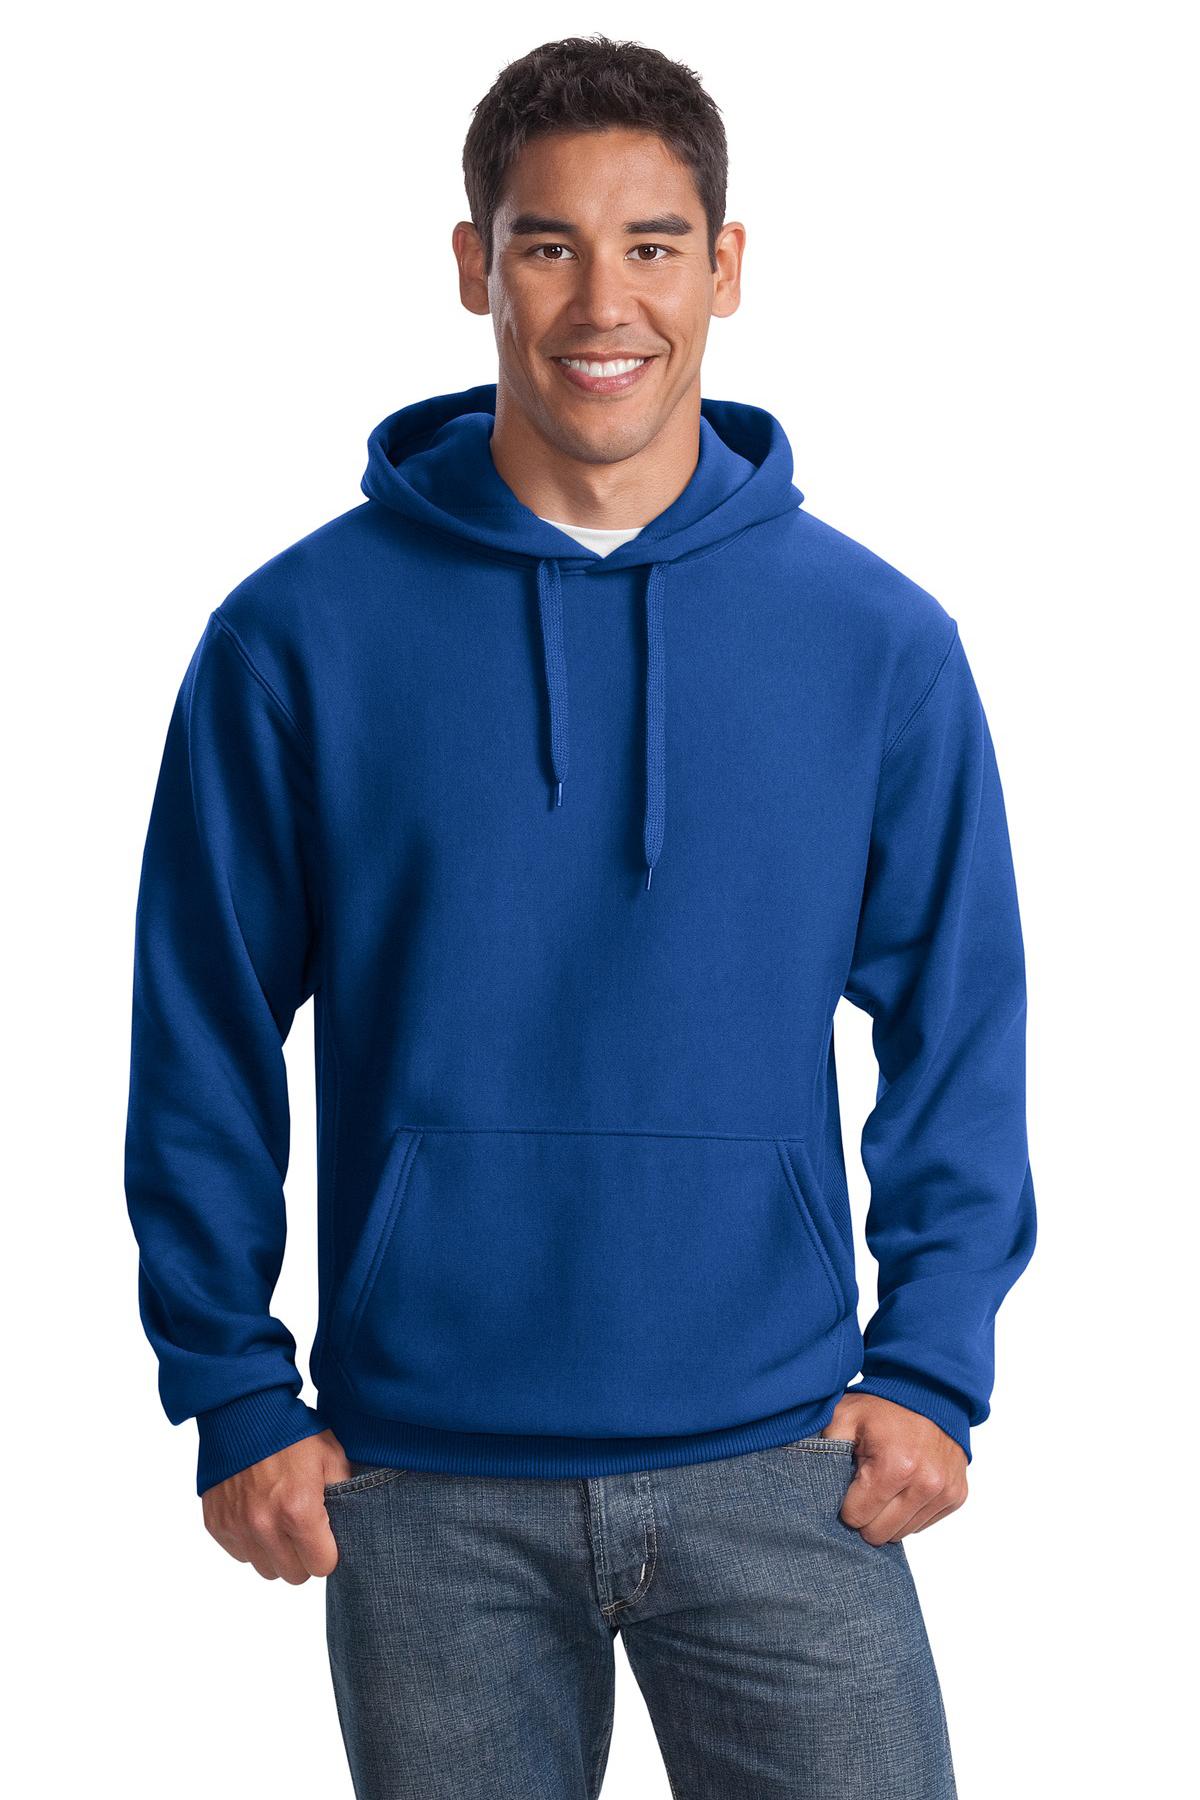 Sweatshirts-Fleece-Hooded-28